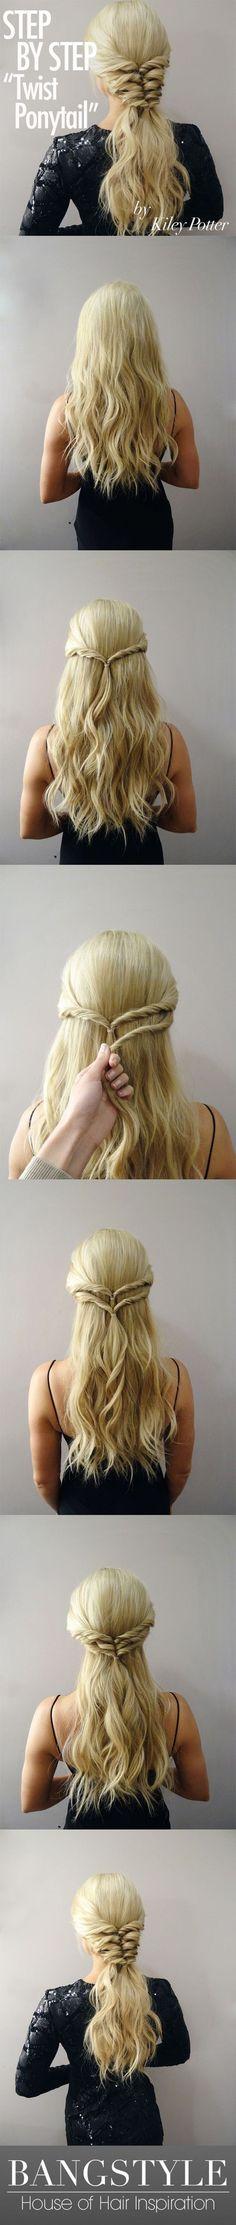 Twist ponytail https://www.youtube.com/channel/UC76YOQIJa6Gej0_FuhRQxJg